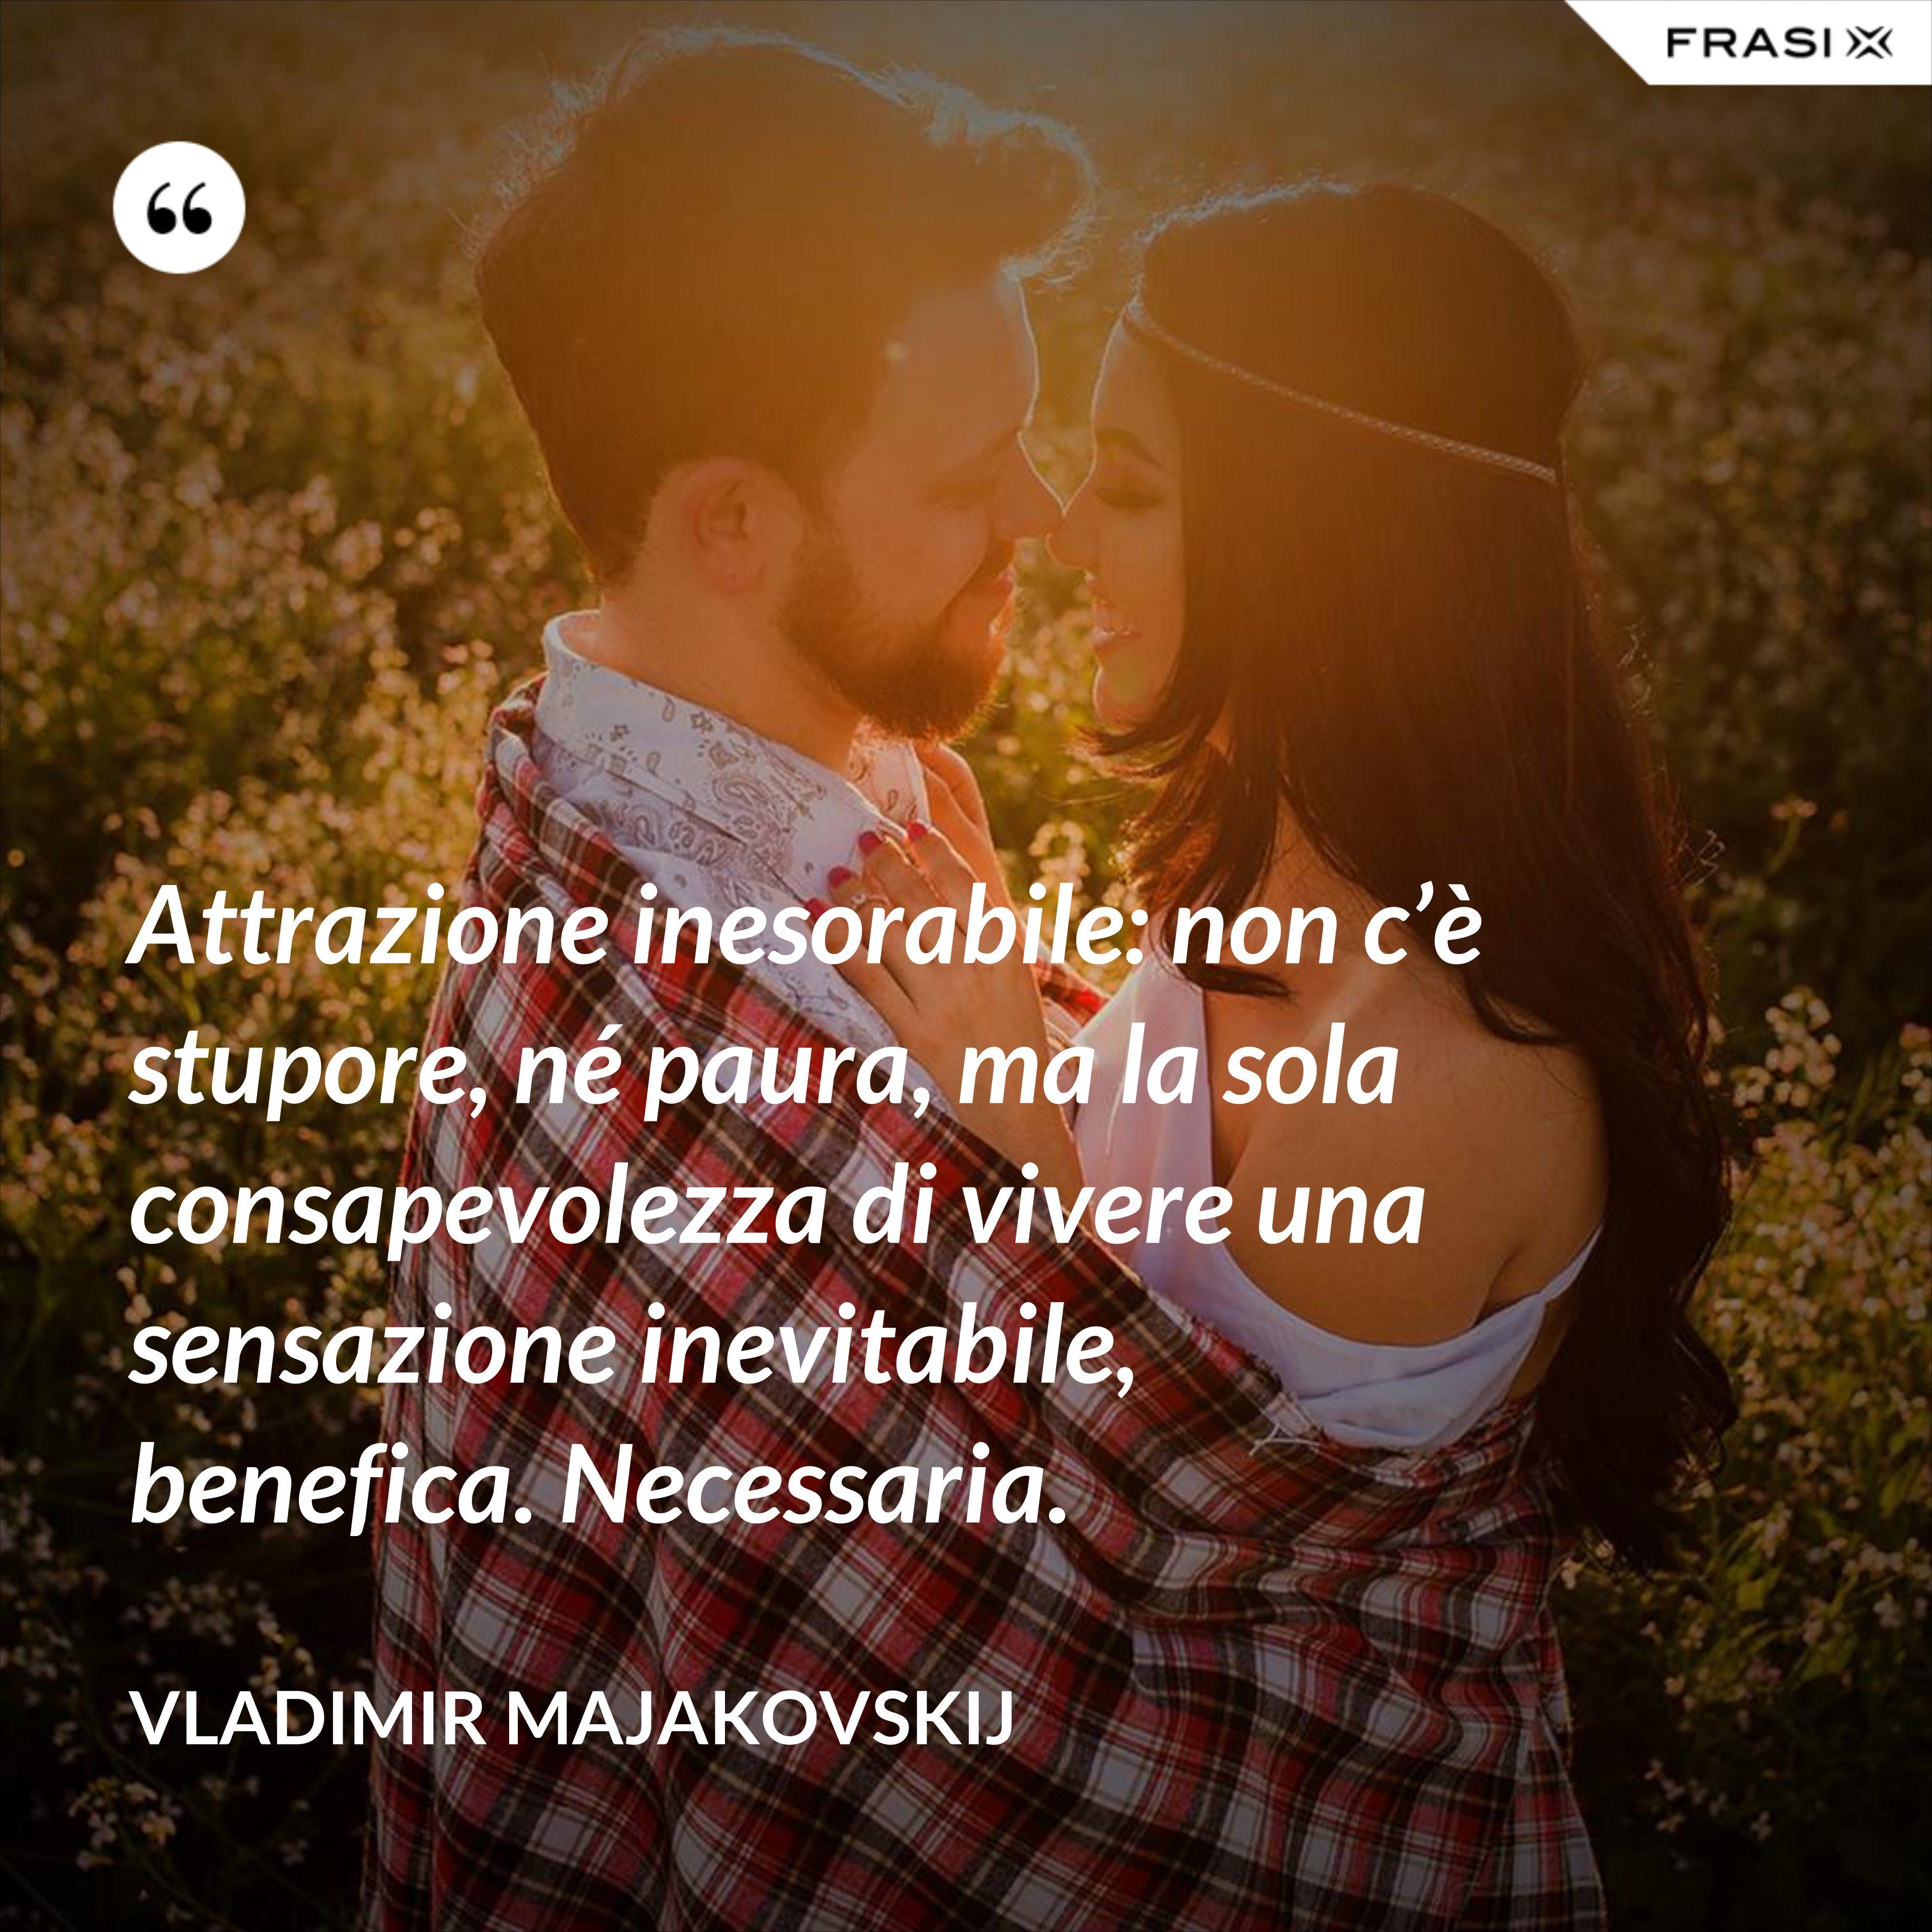 Attrazione inesorabile: non c'è stupore, né paura, ma la sola consapevolezza di vivere una sensazione inevitabile, benefica. Necessaria. - Vladimir Majakovskij